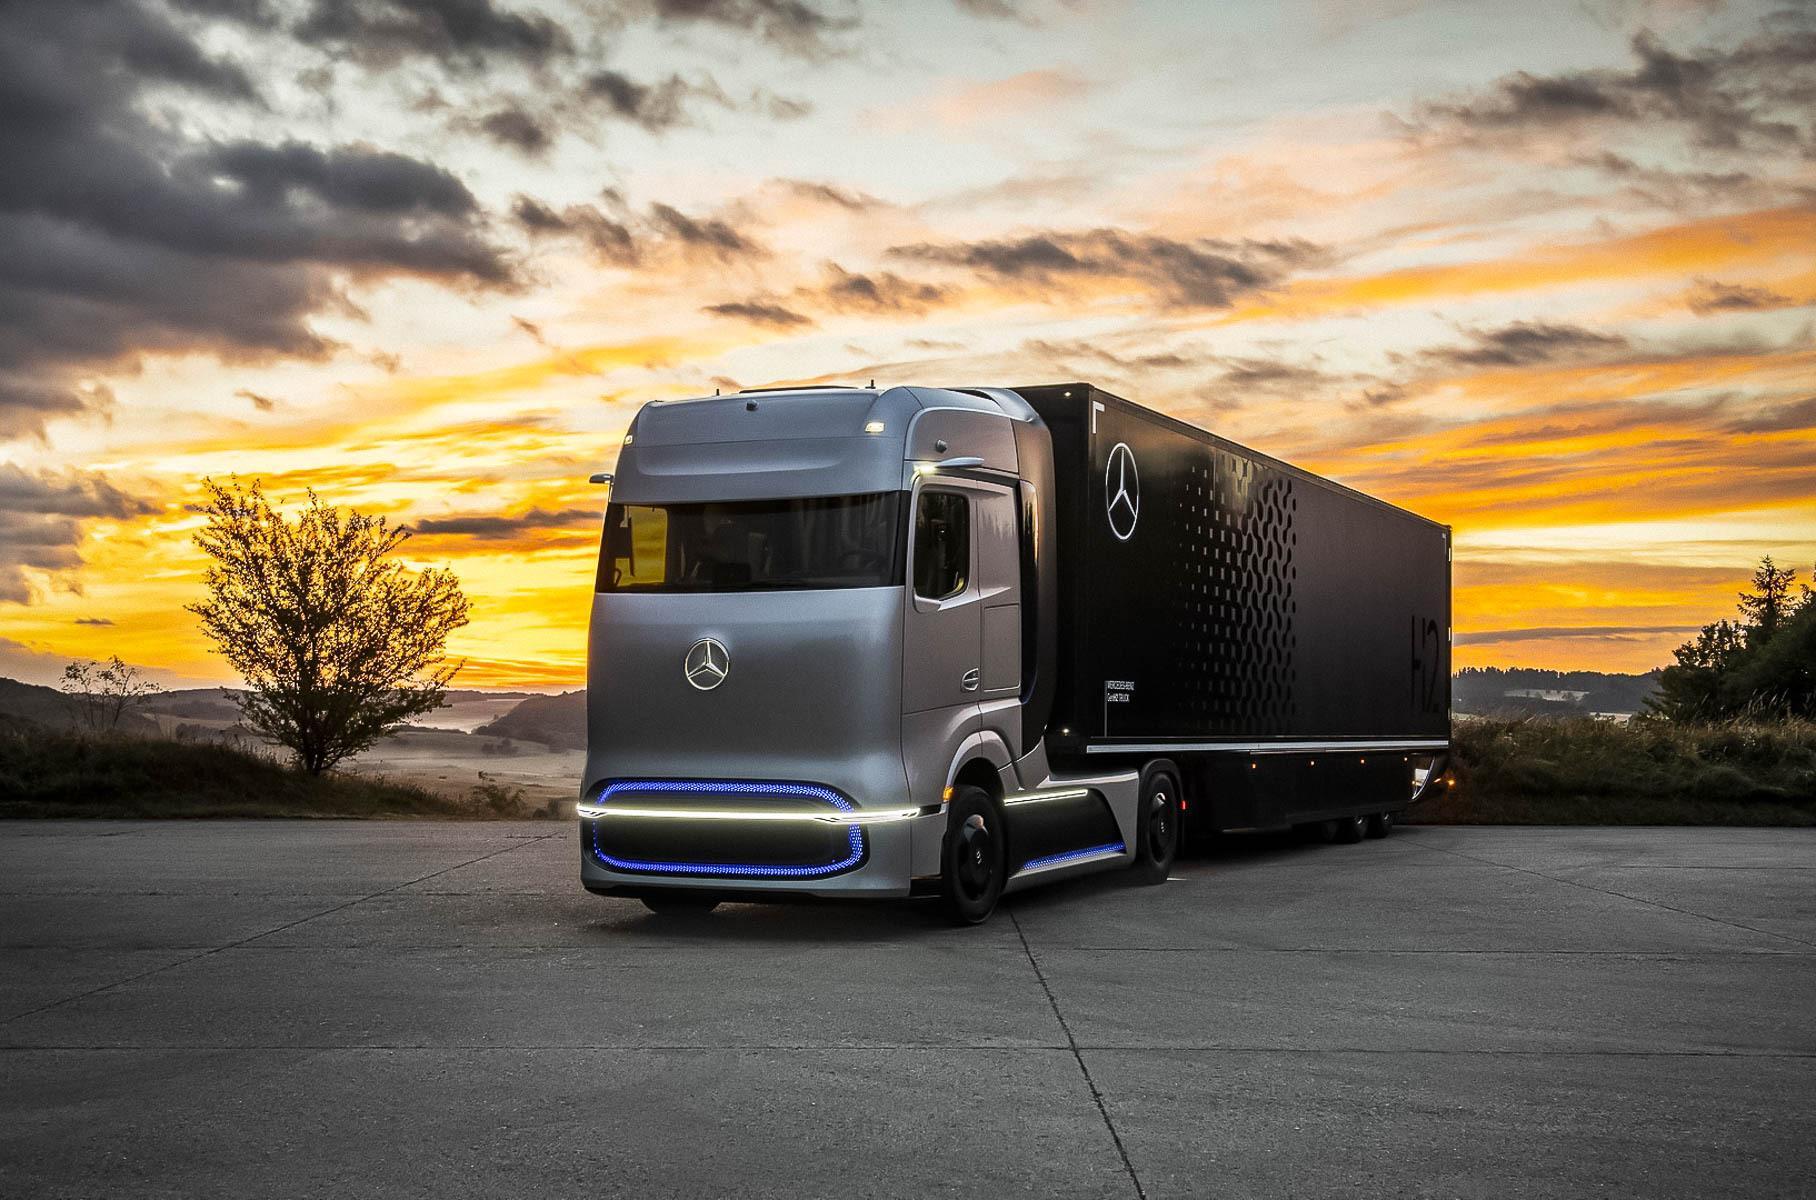 Водородный грузовик Mercedes-Benz: 900 л.с. и 1000 км без дозаправки